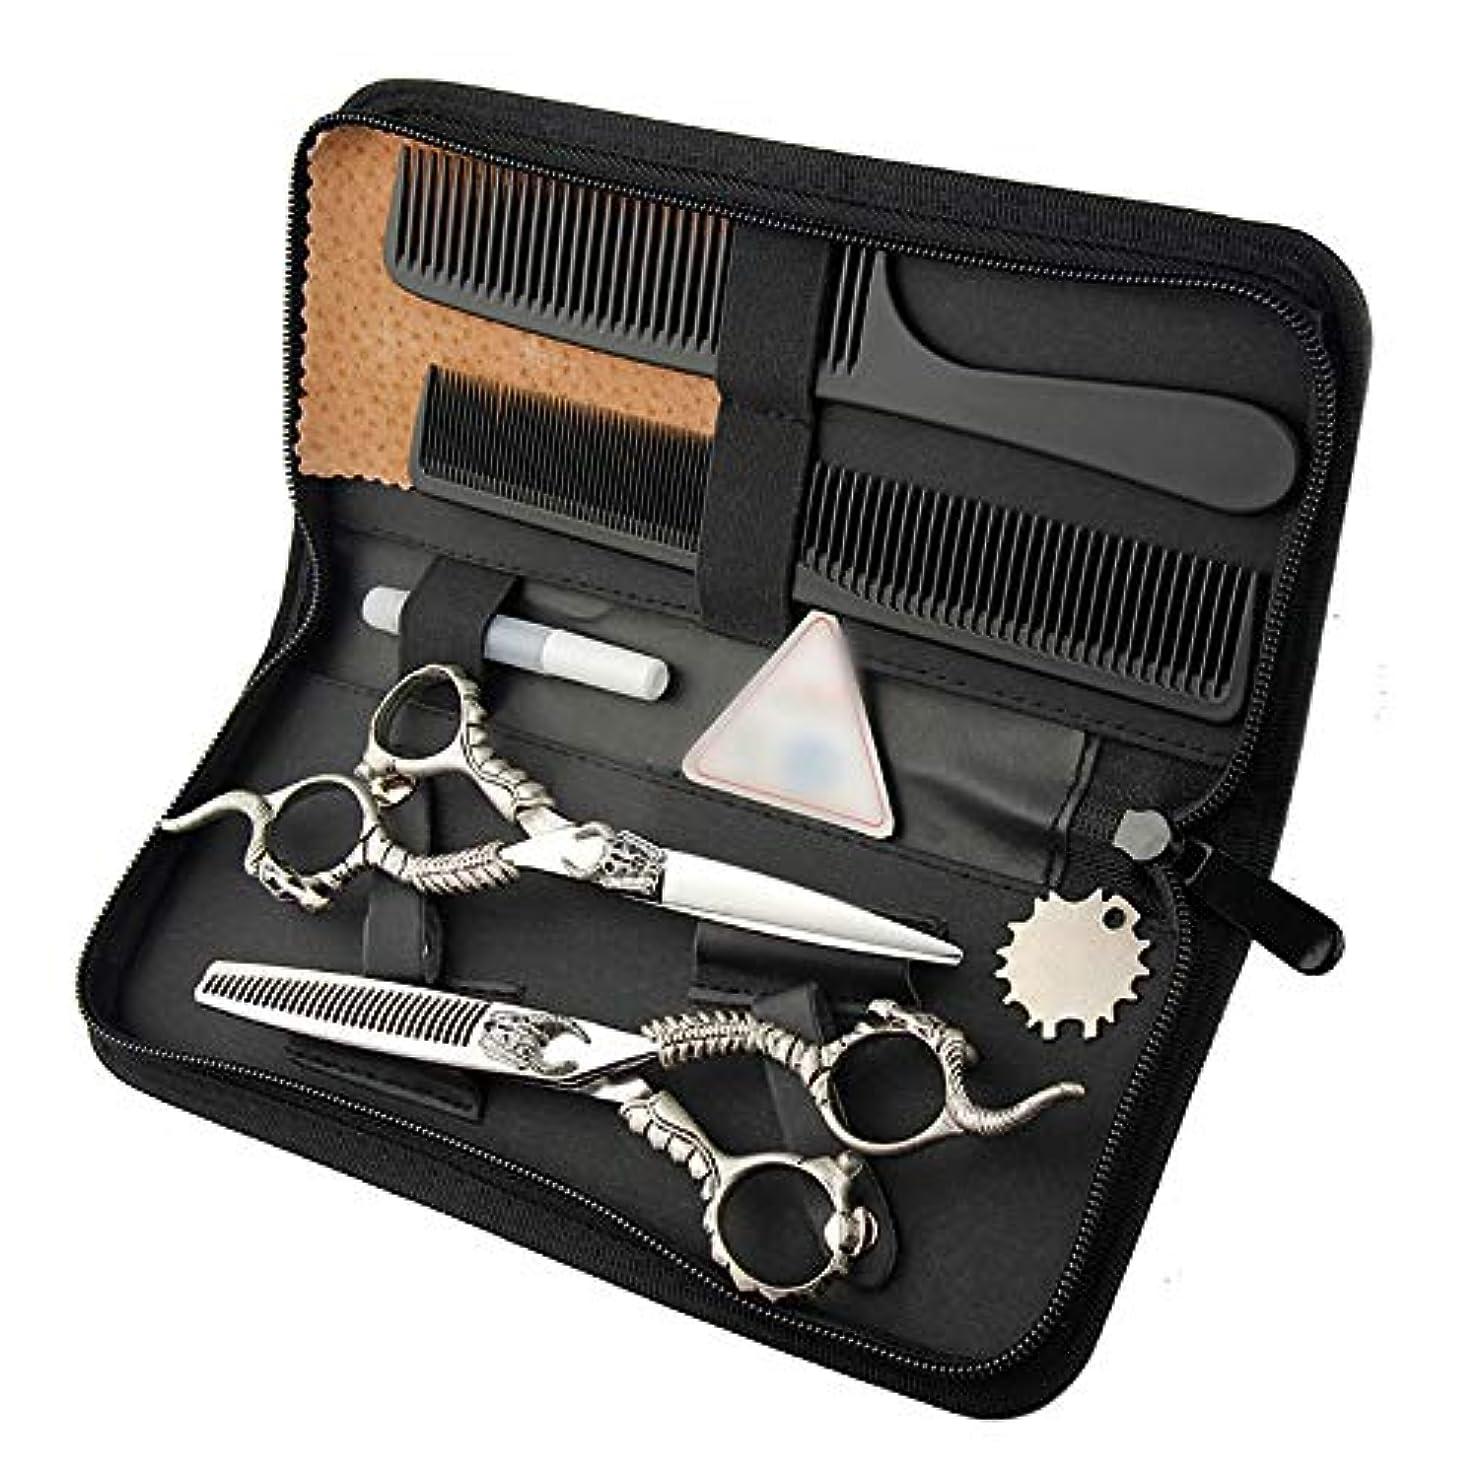 完璧なペチュランス終了する理髪用はさみ 6インチ美容院プロフェッショナルなヘアカットレトロハンドルはさみセットヘアカットはさみステンレス理髪はさみ (色 : Silver)